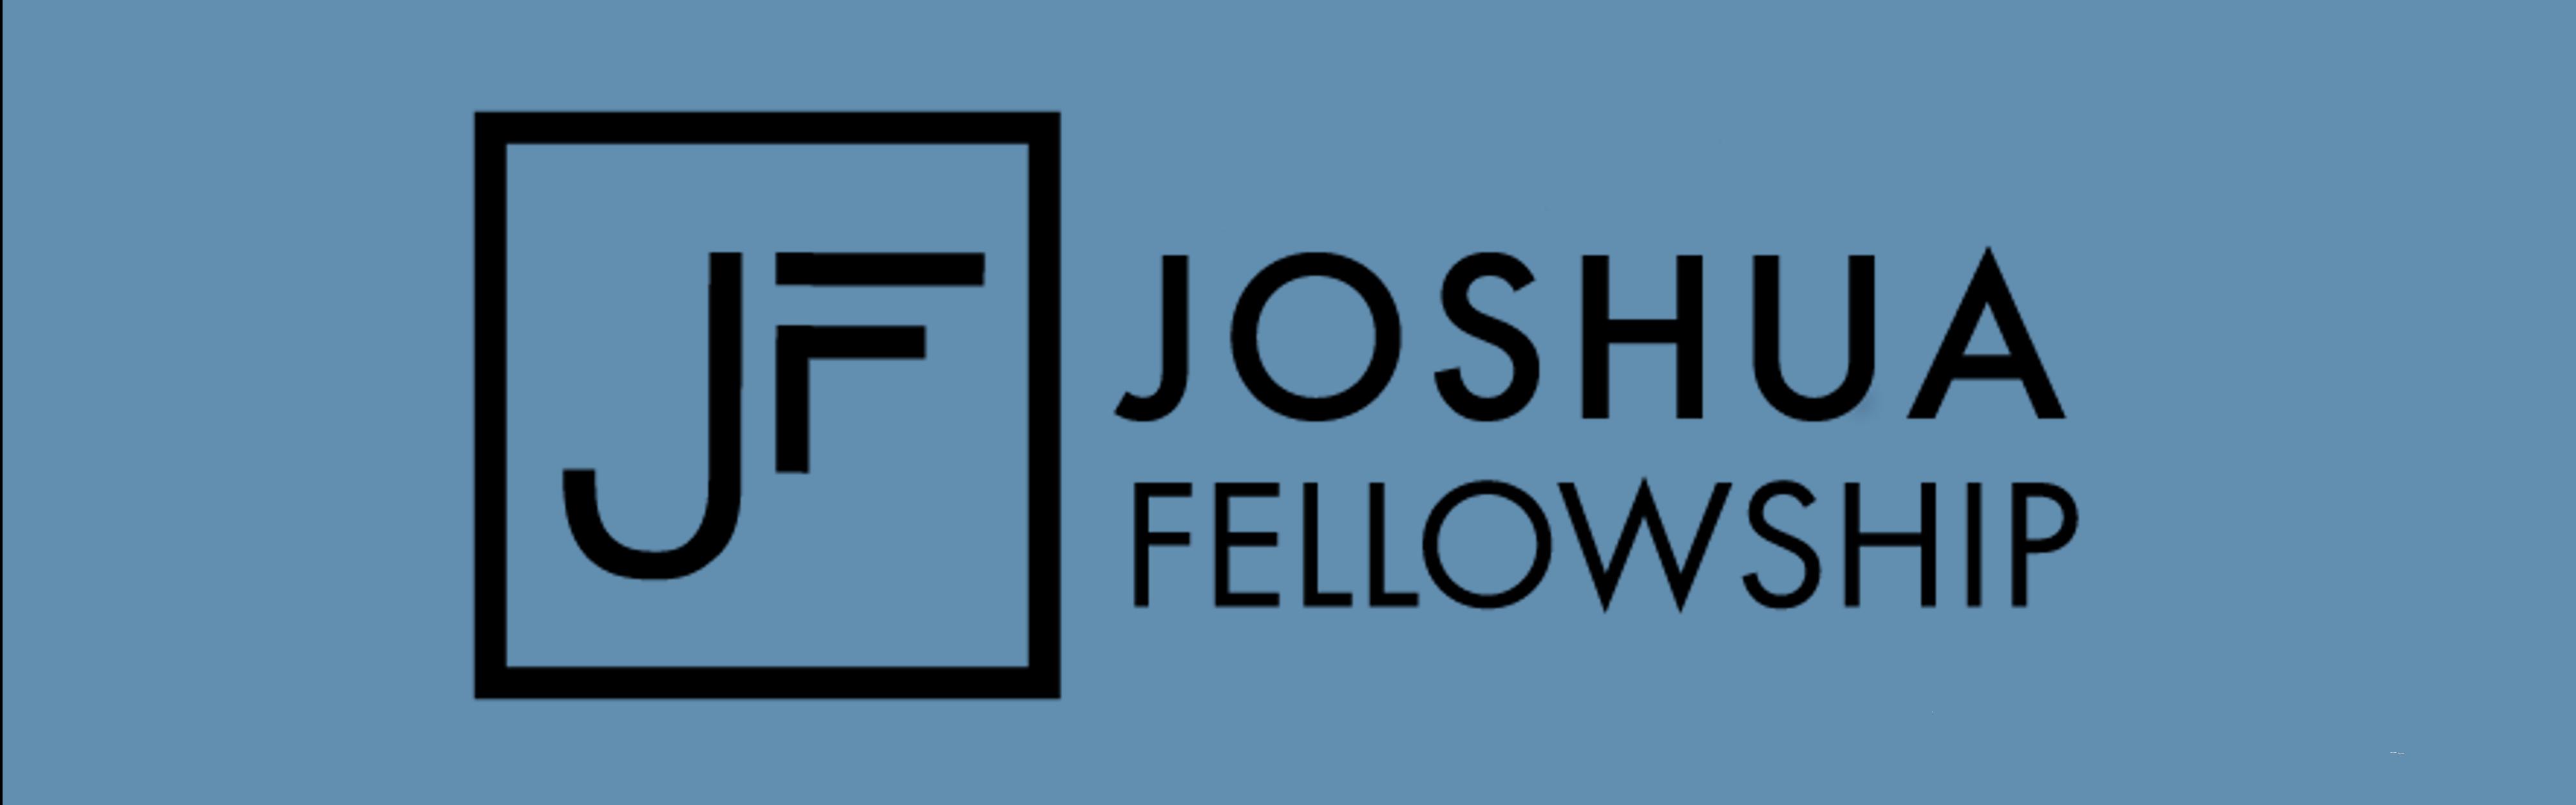 Joshua Fellowship Logo